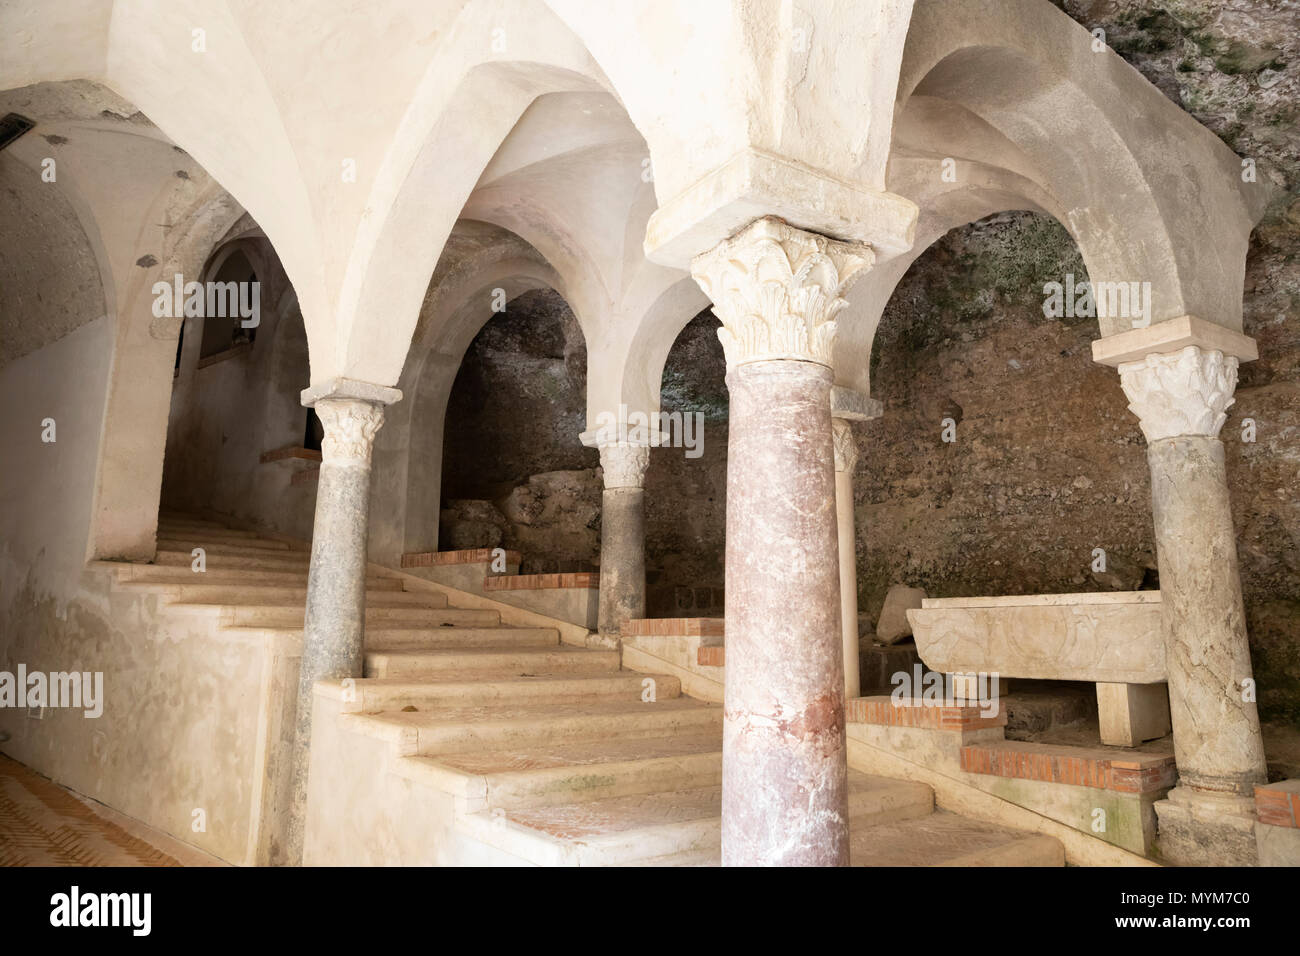 Escalier souterrain par le cloître de l'abbaye bénédictine de SS Trinita qui abrite des moines bénédictins de l'Ordo Cavensis, Corpo di Cava Photo Stock